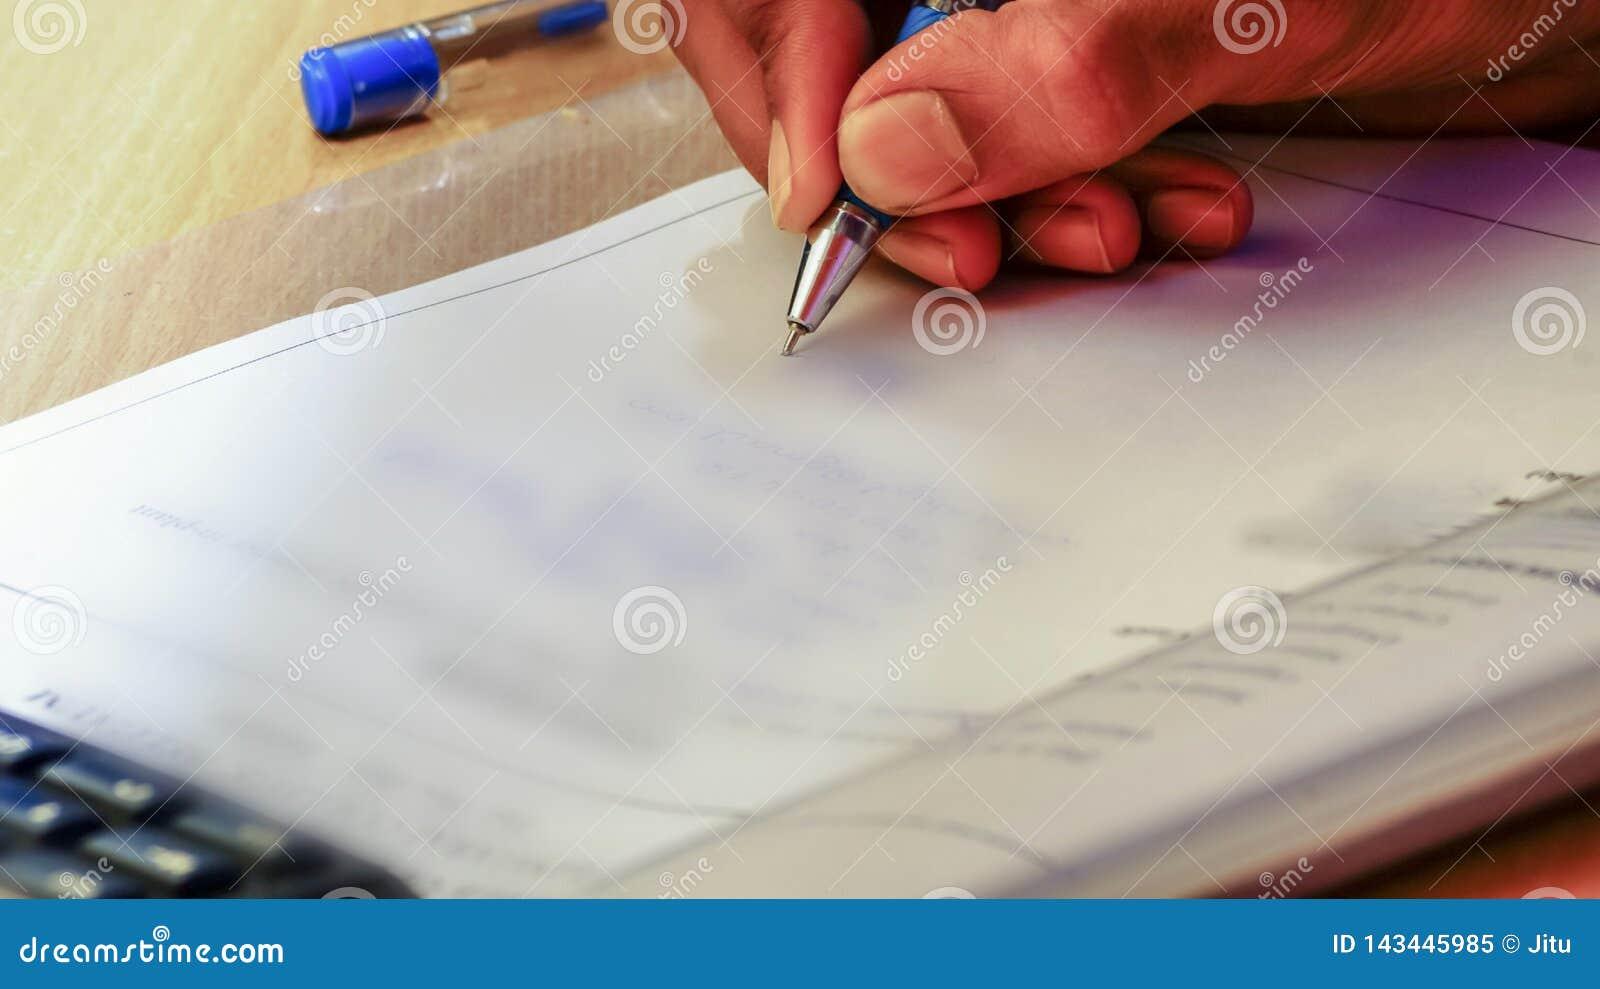 Zbliżenie men& x27; s ręka która pisze coś na papierze z pomocą pióra